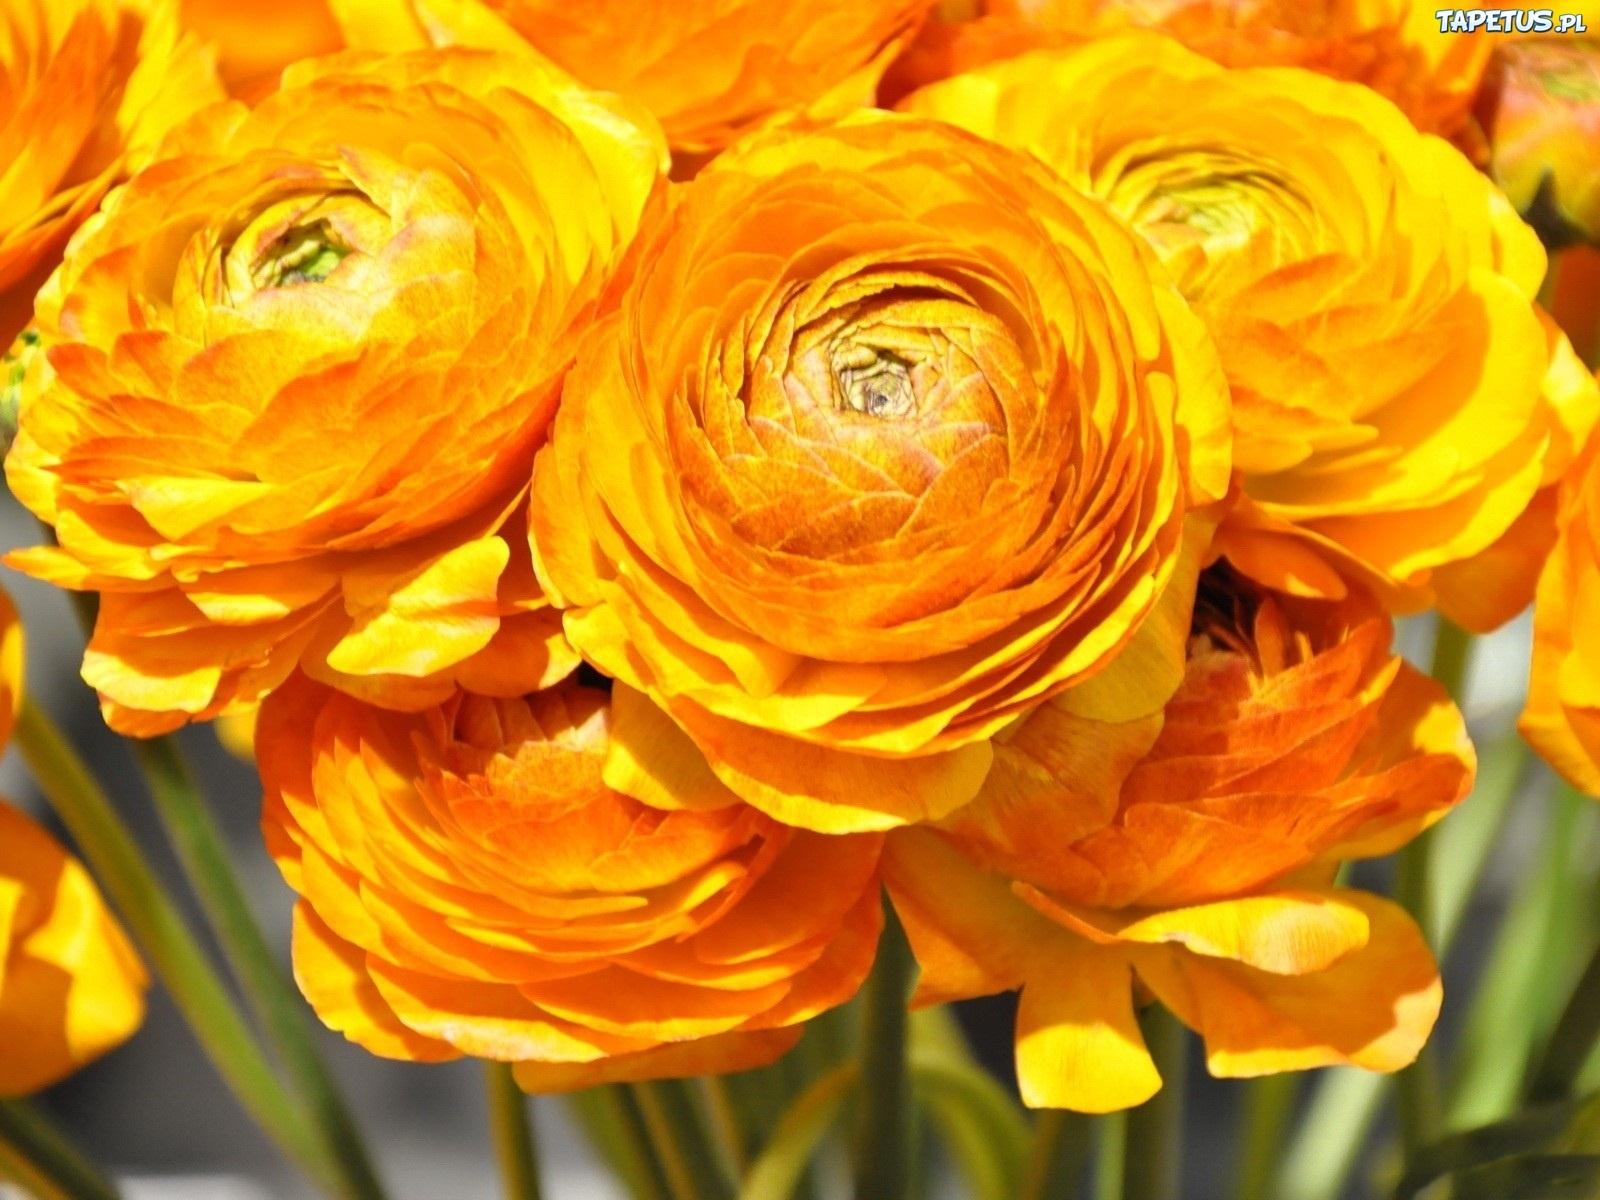 Цветы оранжевые лютик скачать